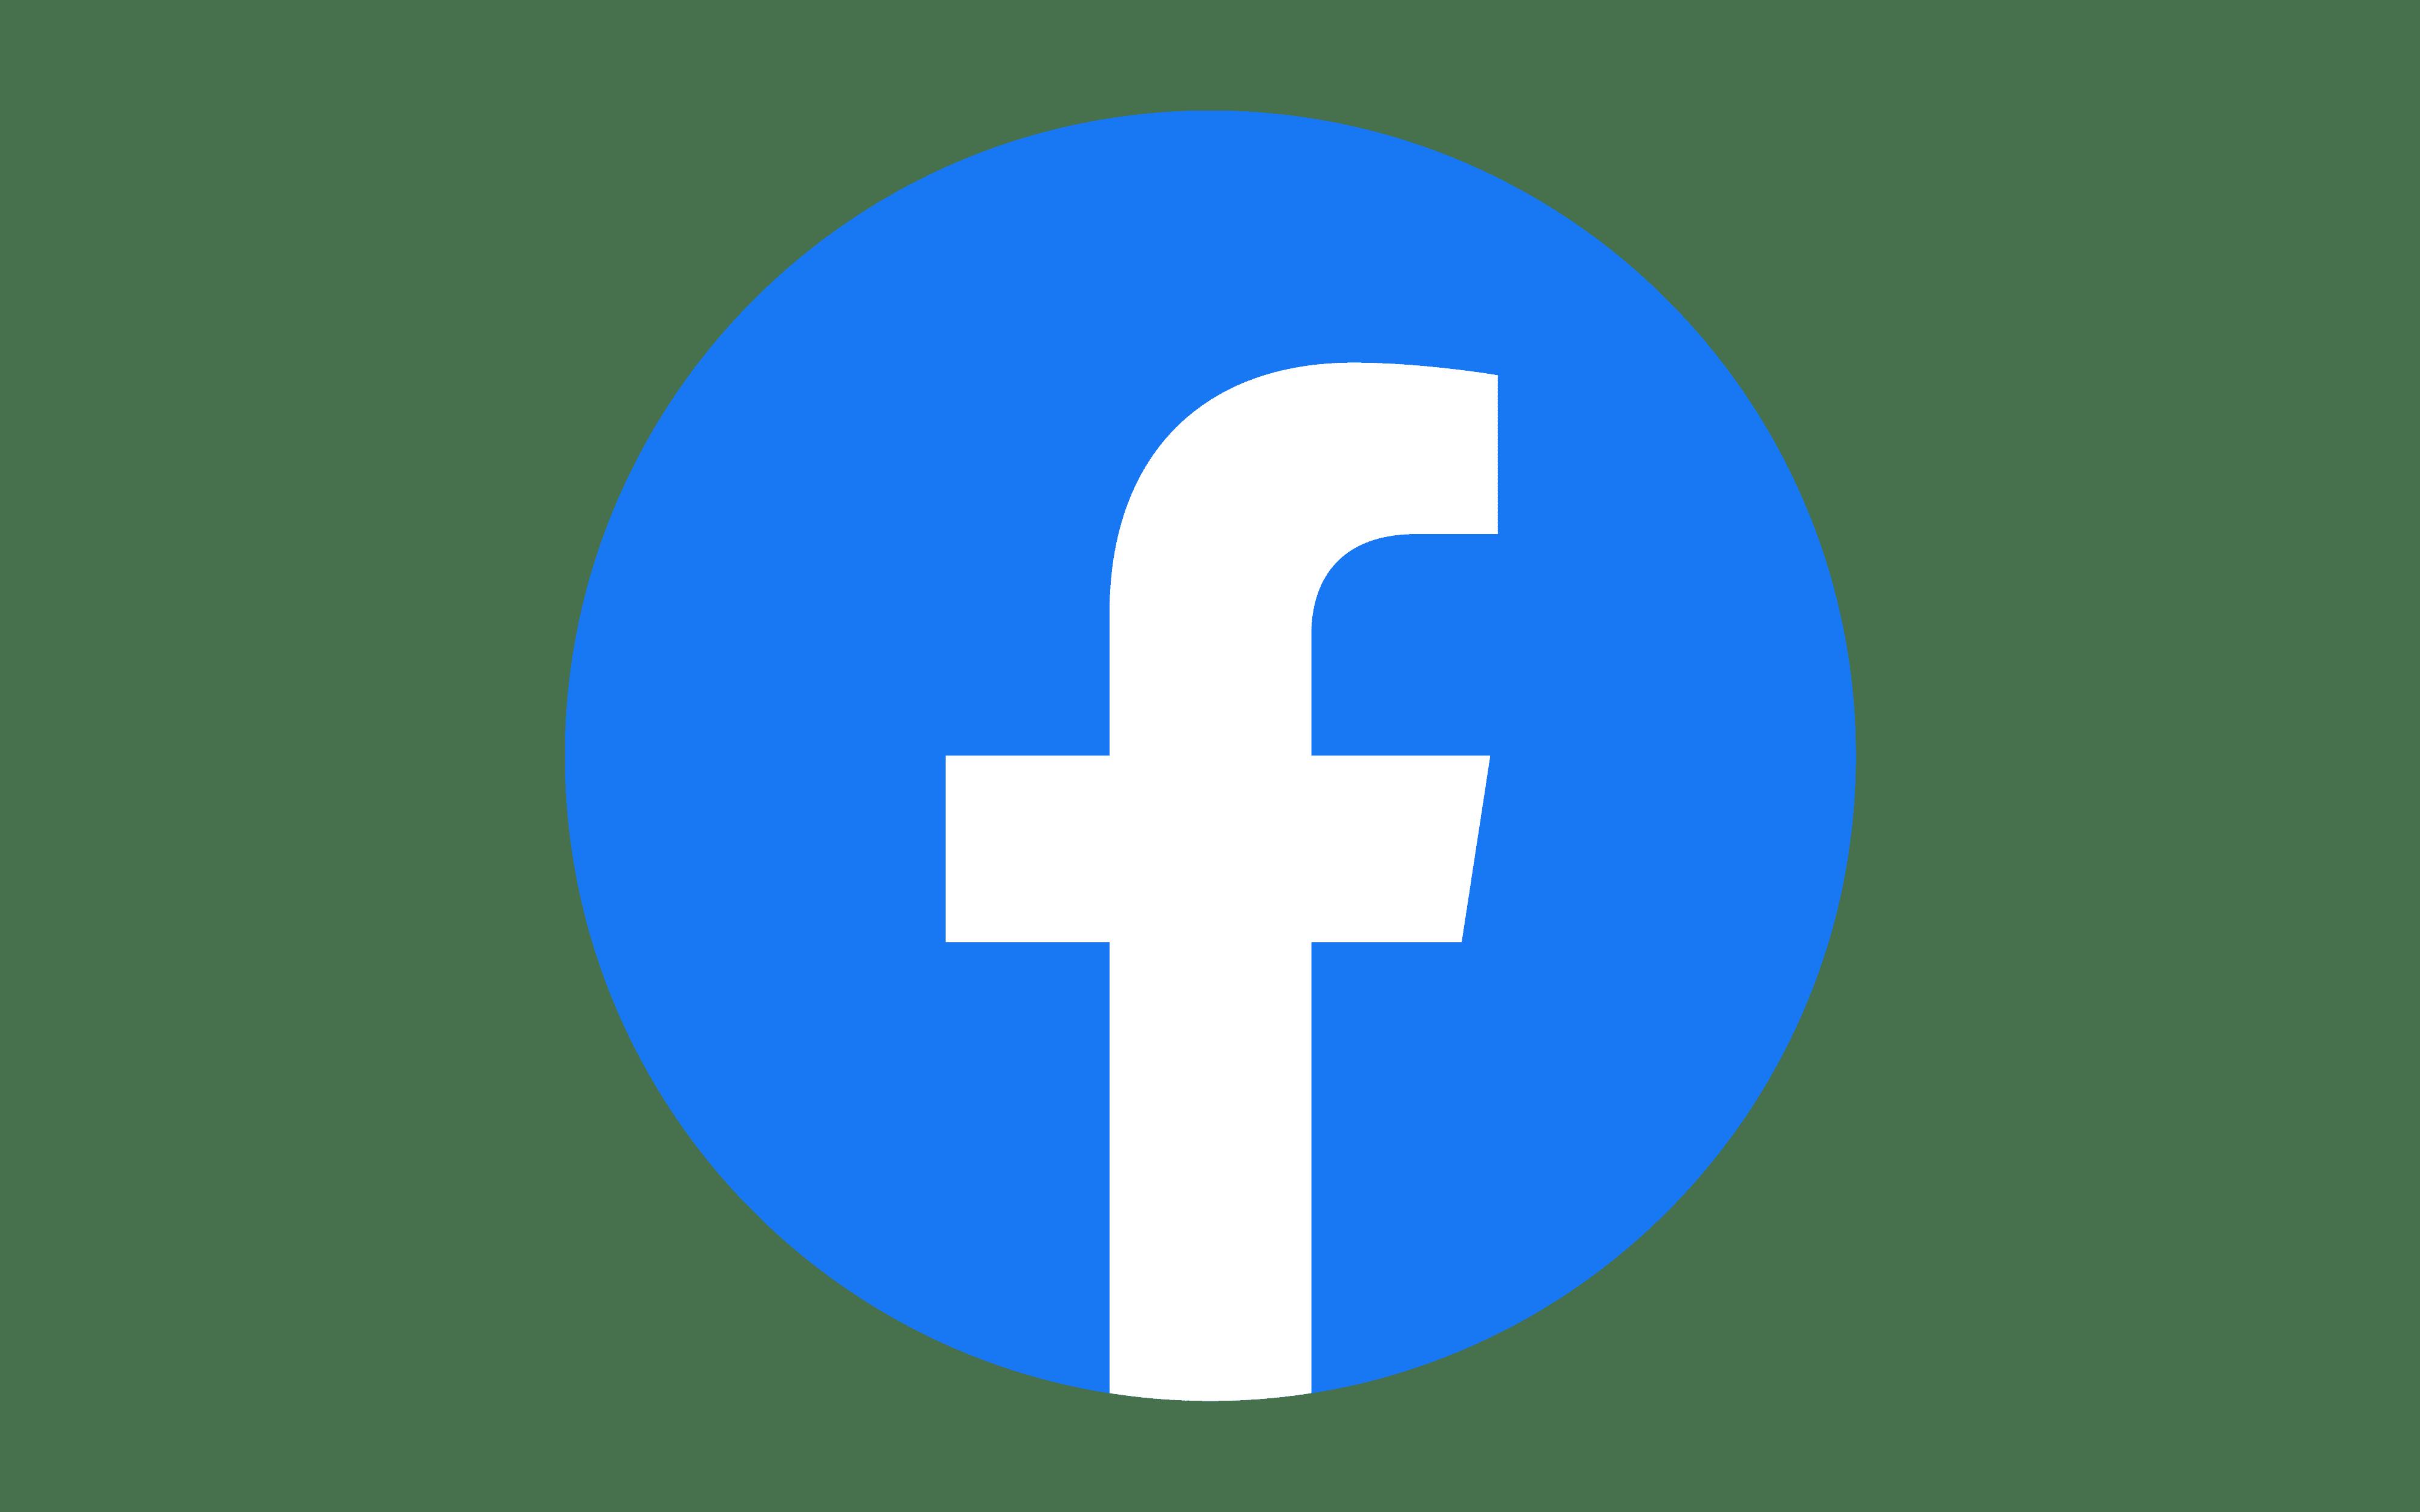 Facebook, Long media